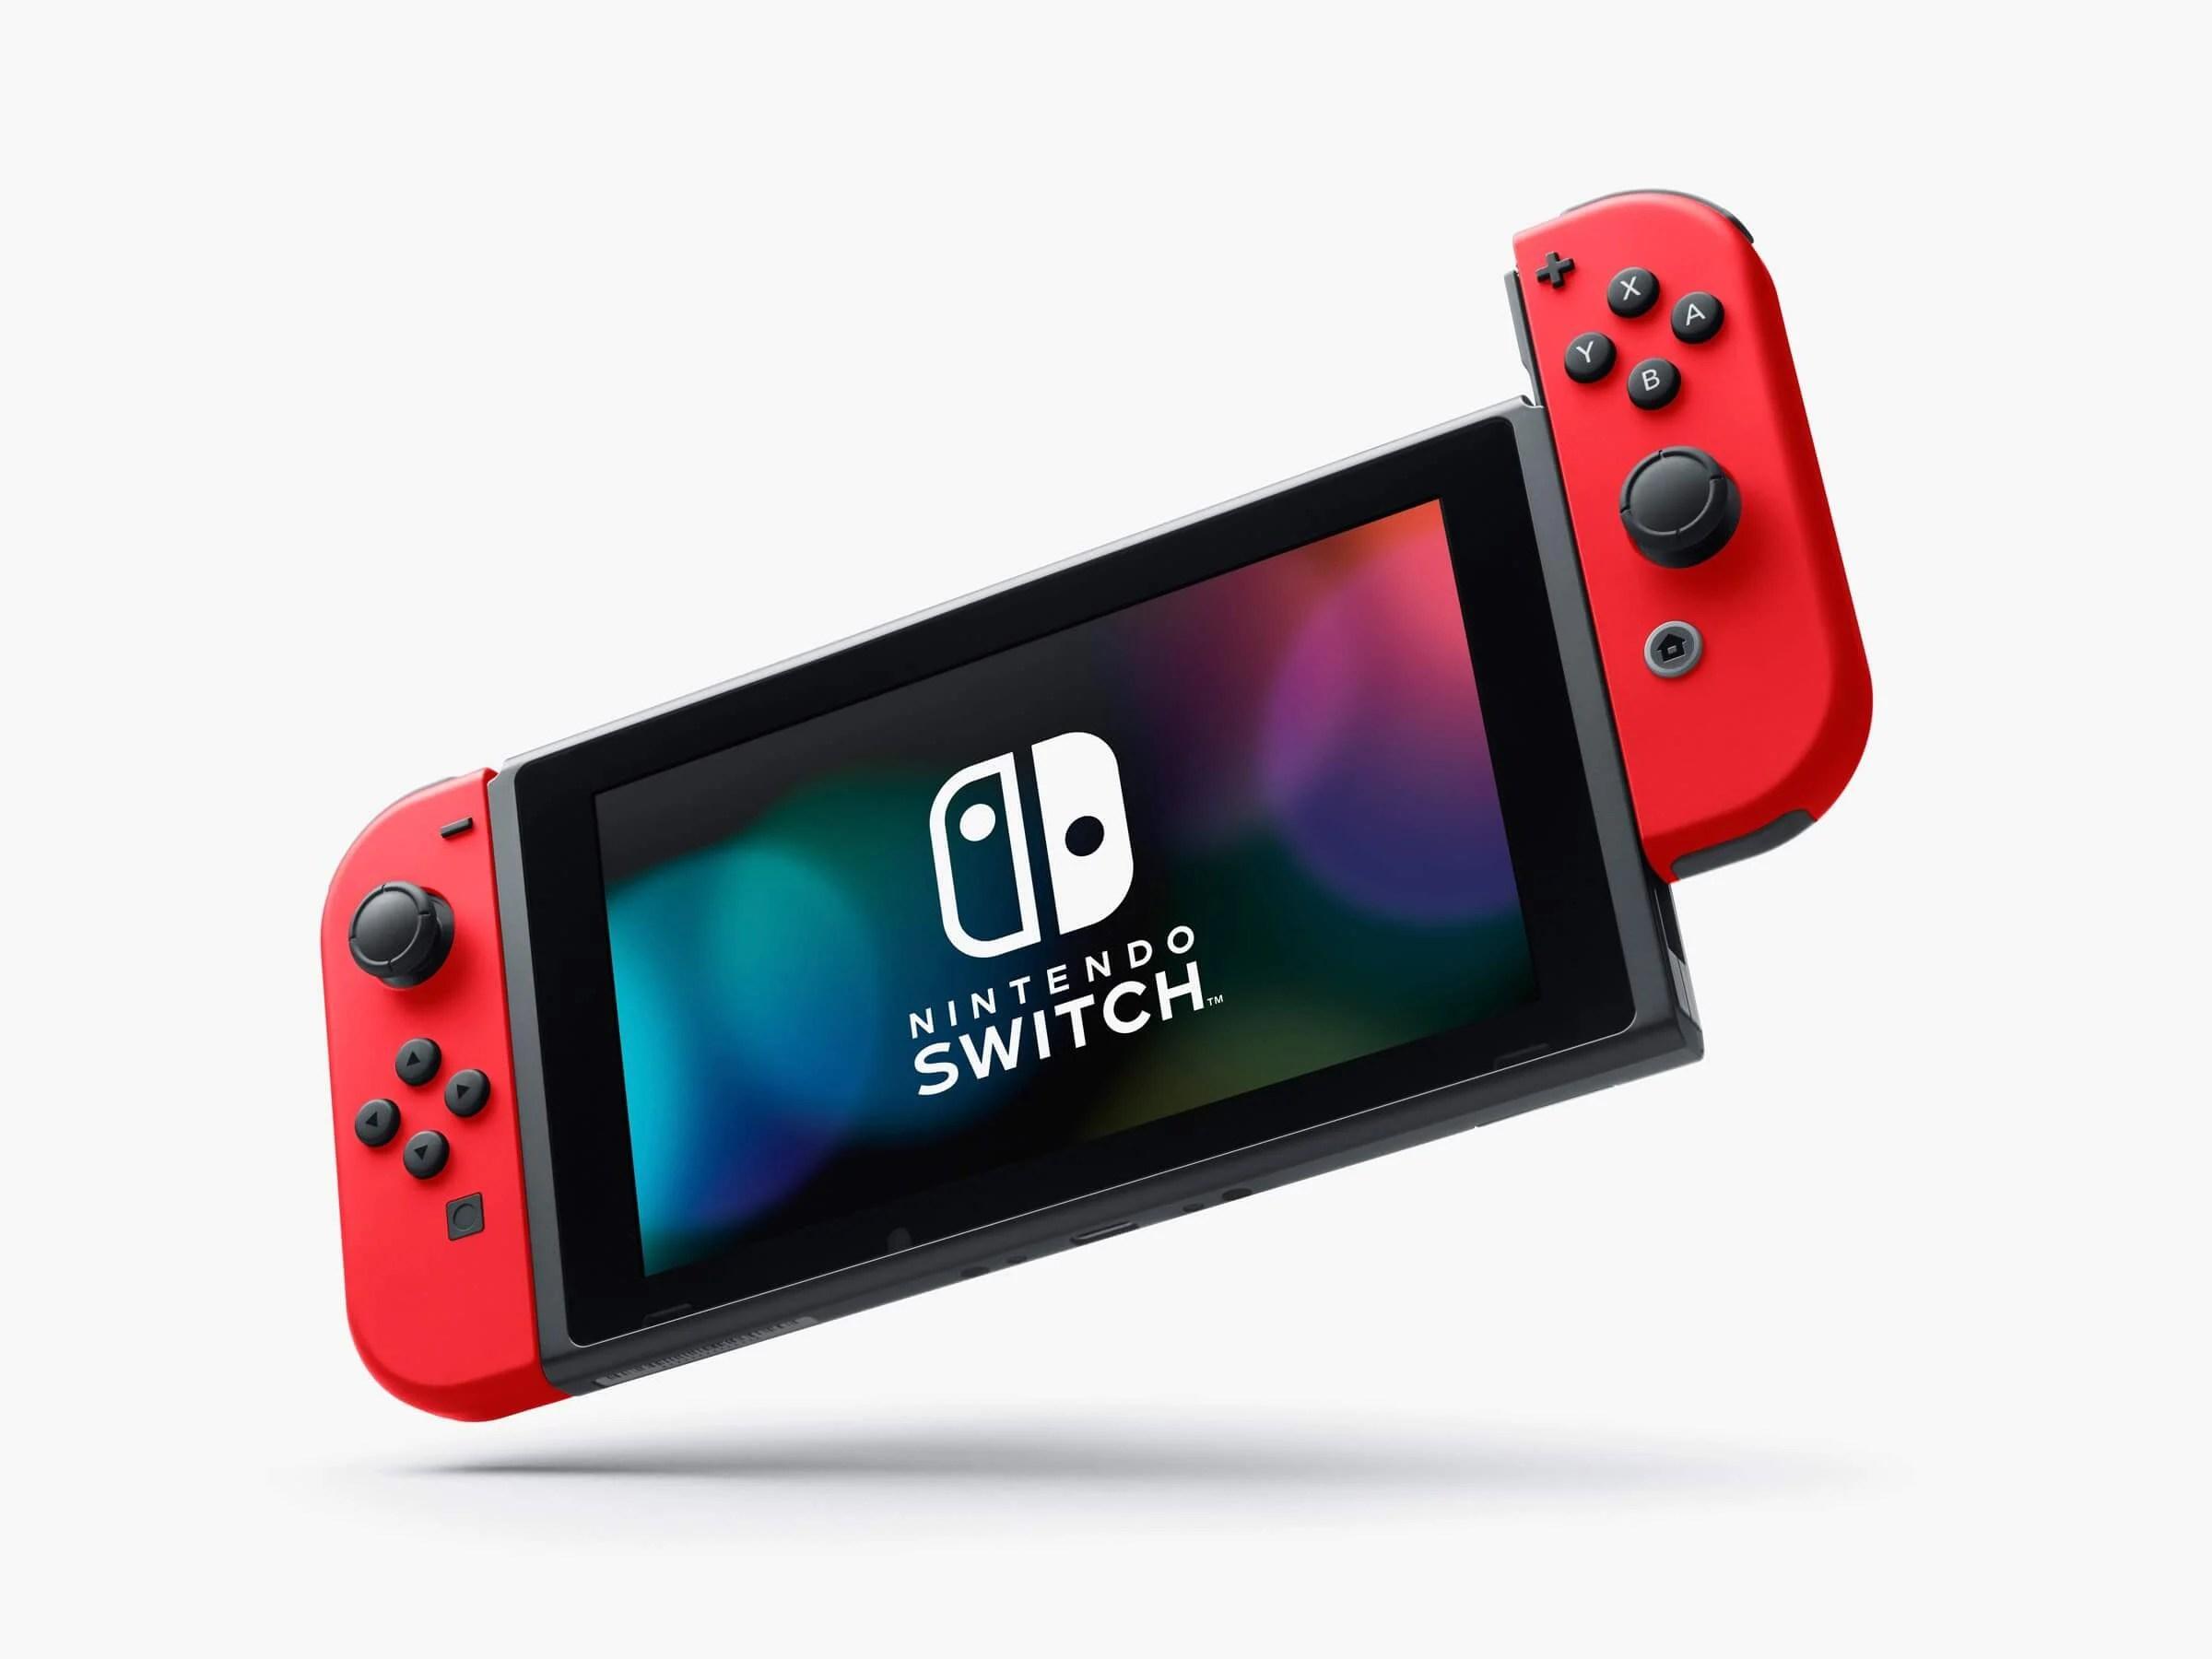 nintendo TA - Nintendo Switch poderá ganhar tela OLED em 2019